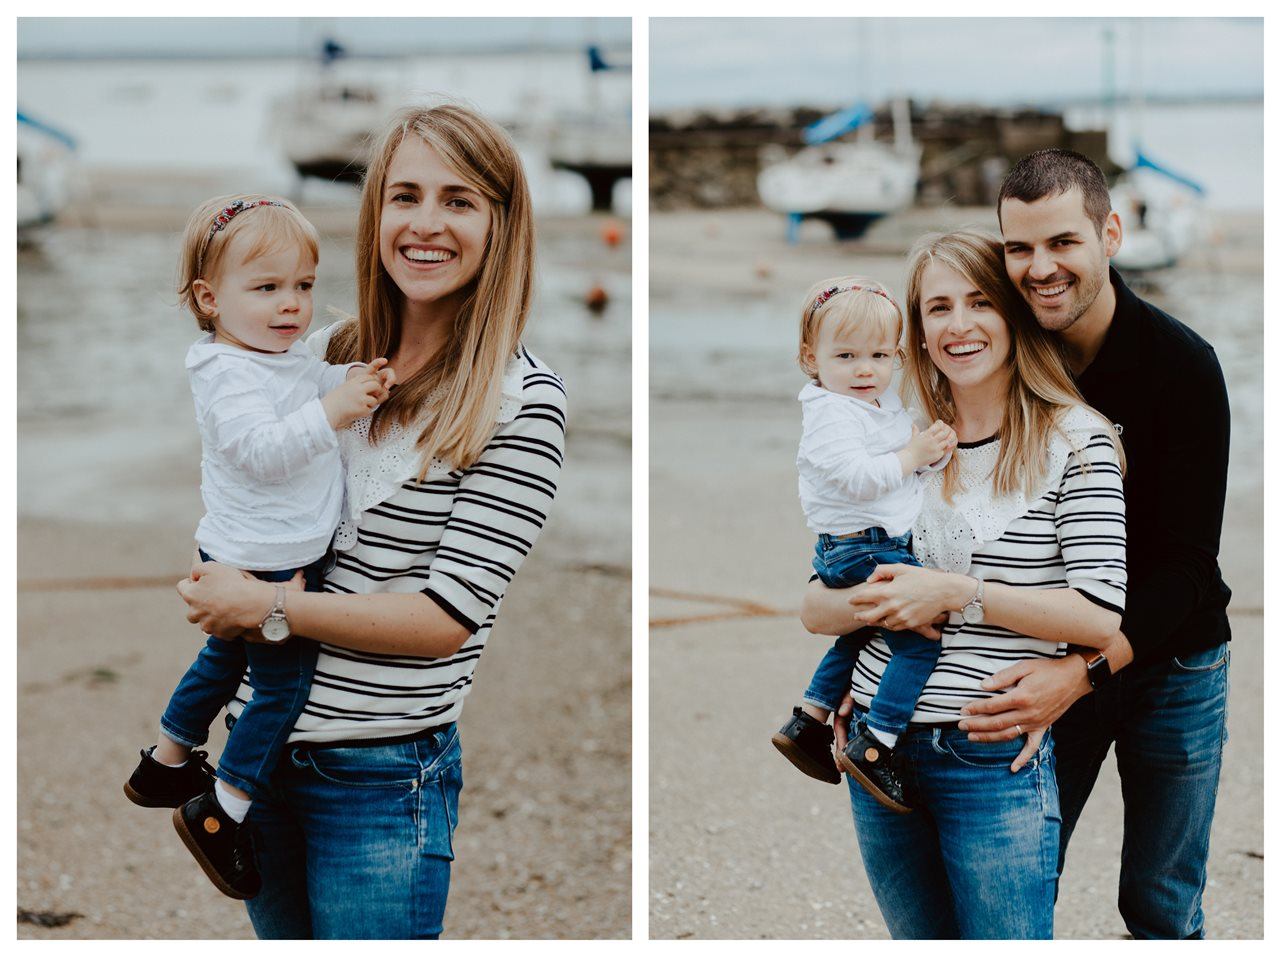 séance famille lifestyle mesquer plage portrait parents enfant